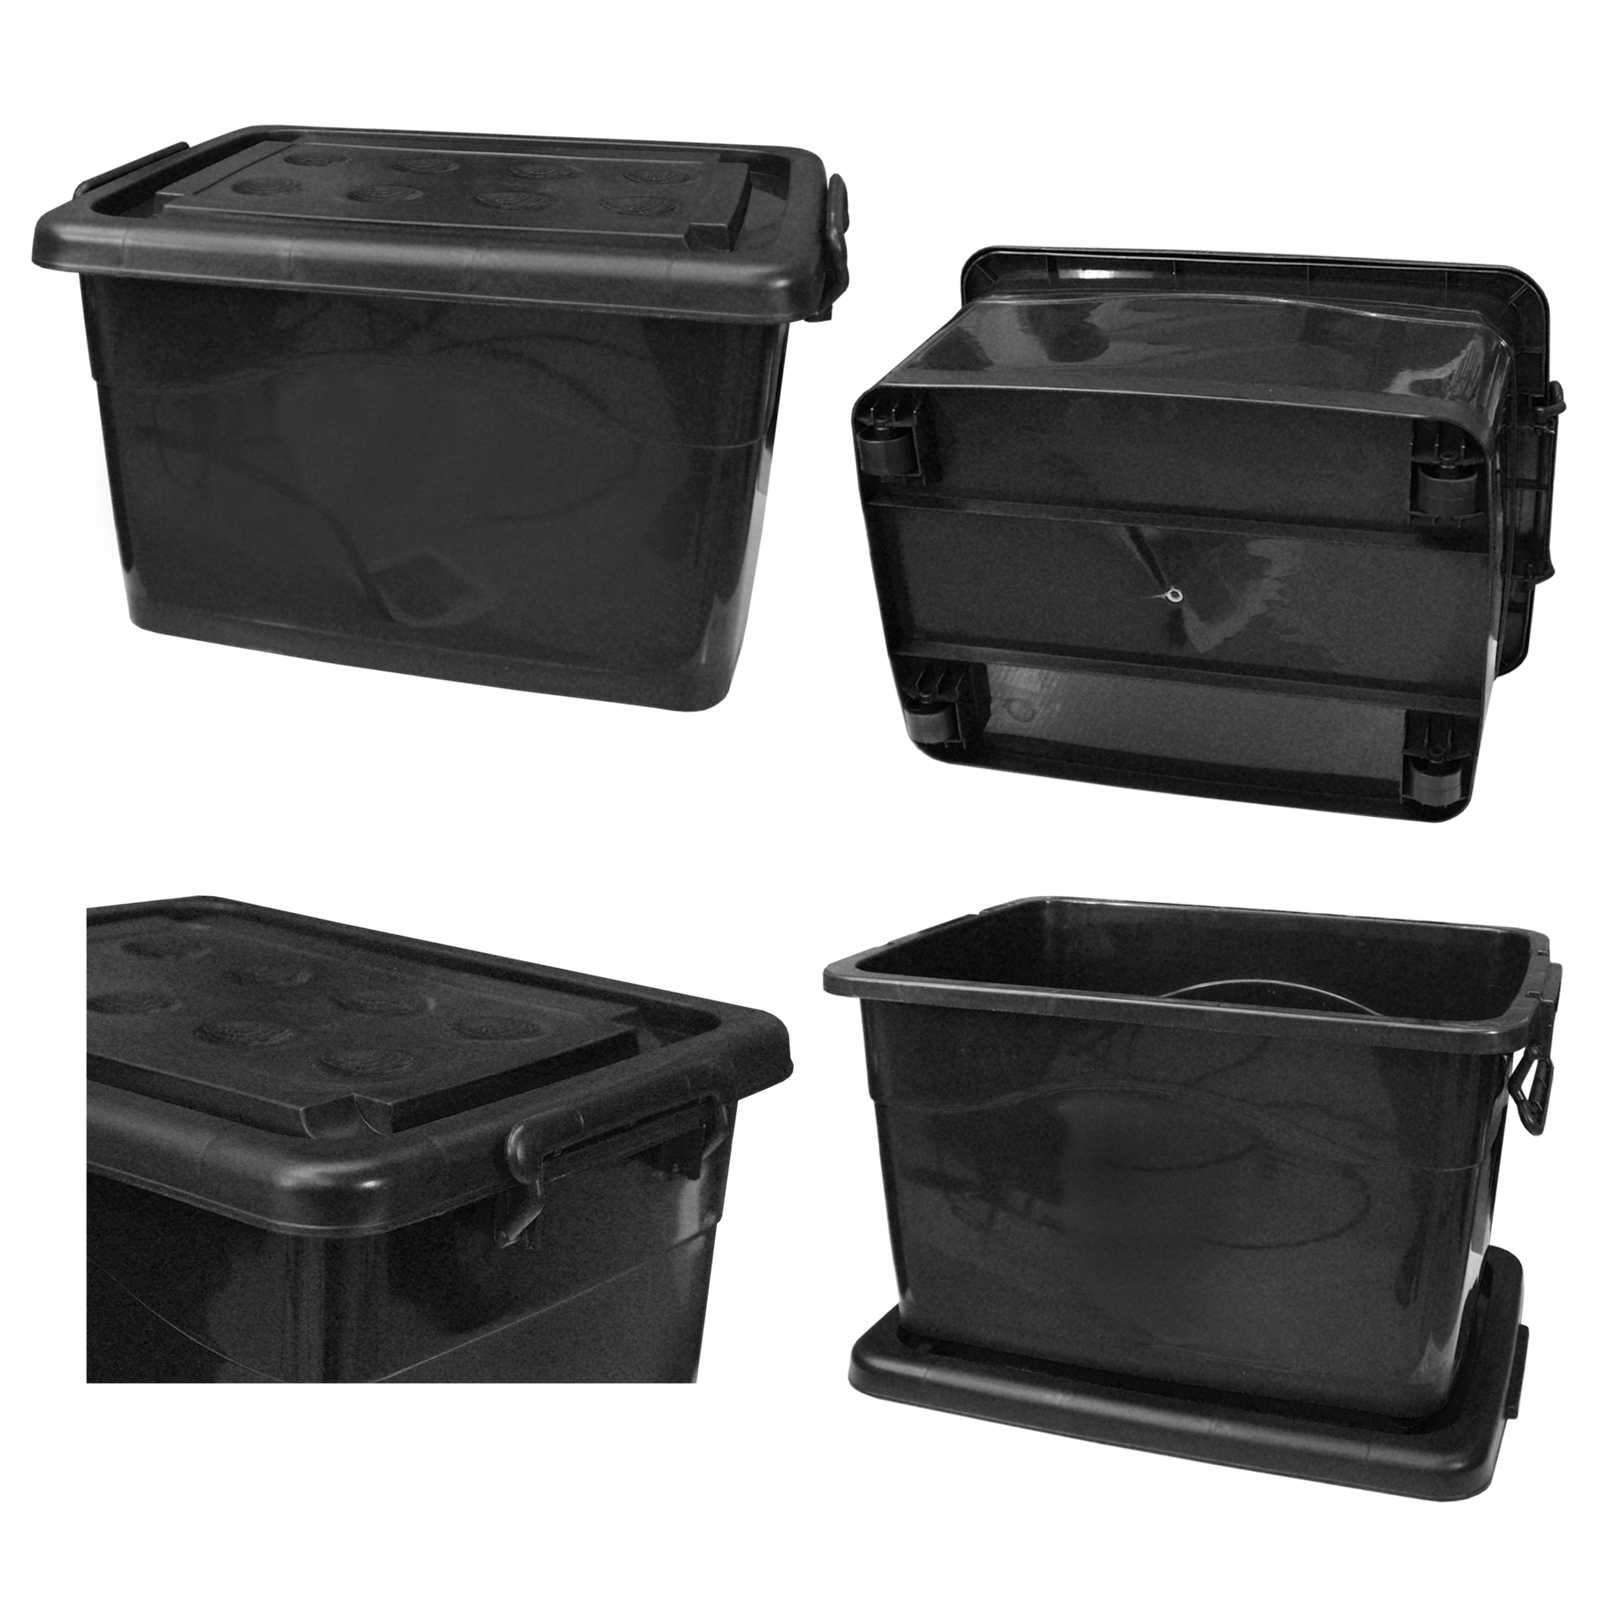 2 x kunststoffbeh lter stapelbar 90 liter schwarz mit rollen und deckel ebay. Black Bedroom Furniture Sets. Home Design Ideas